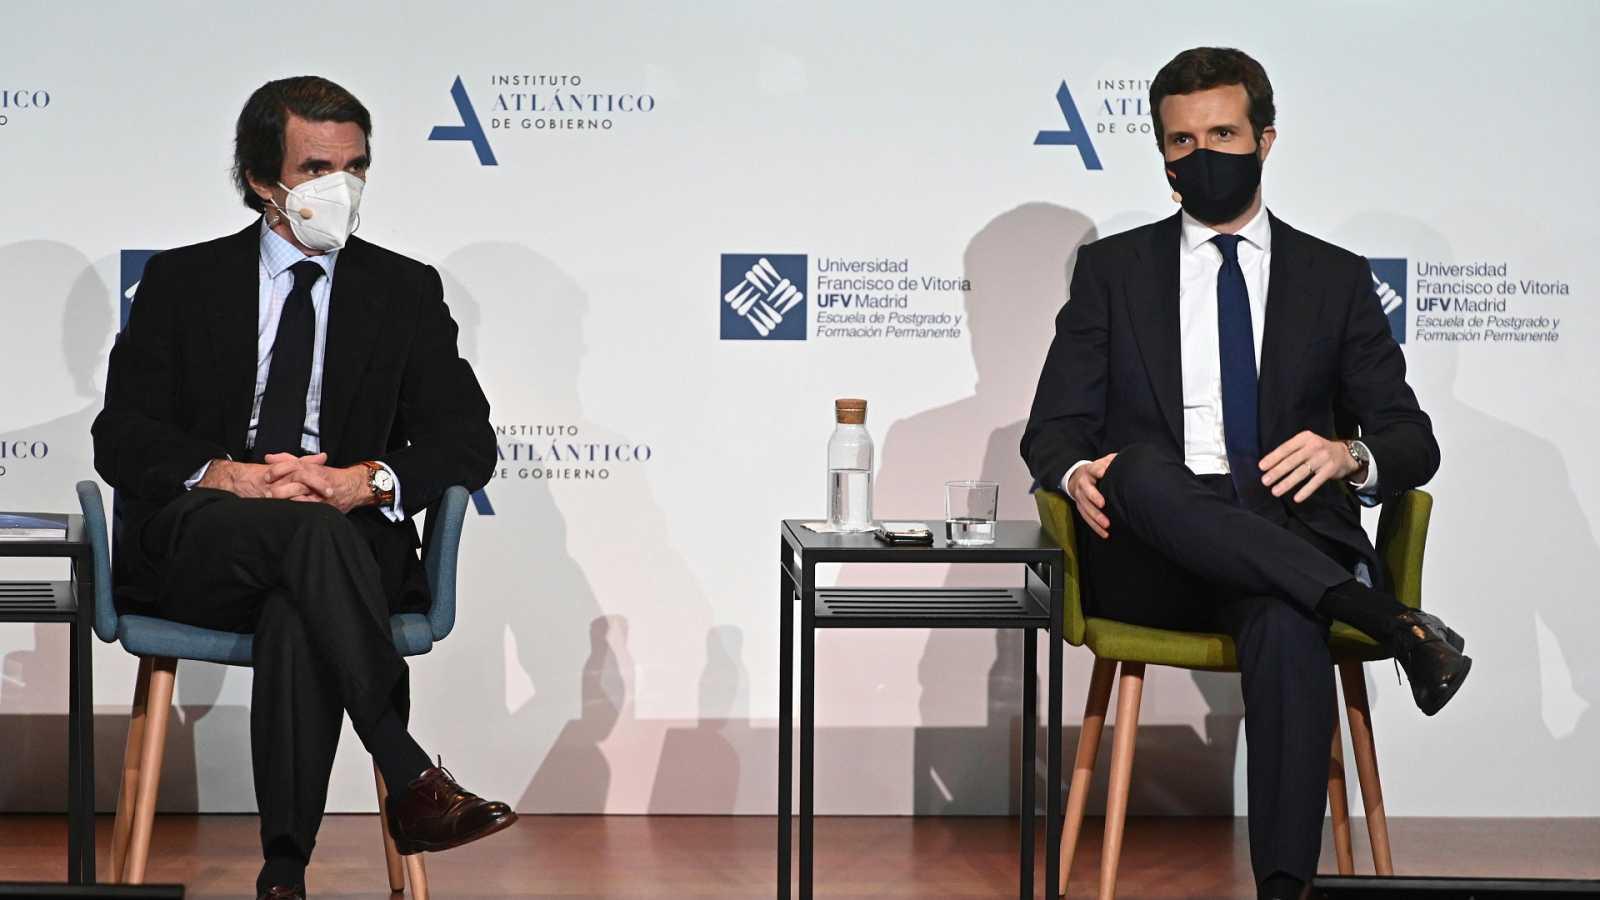 14 horas - Casado evita el choque con Aznar y pide tiempo para consolidar su proyecto - escuchar ahora